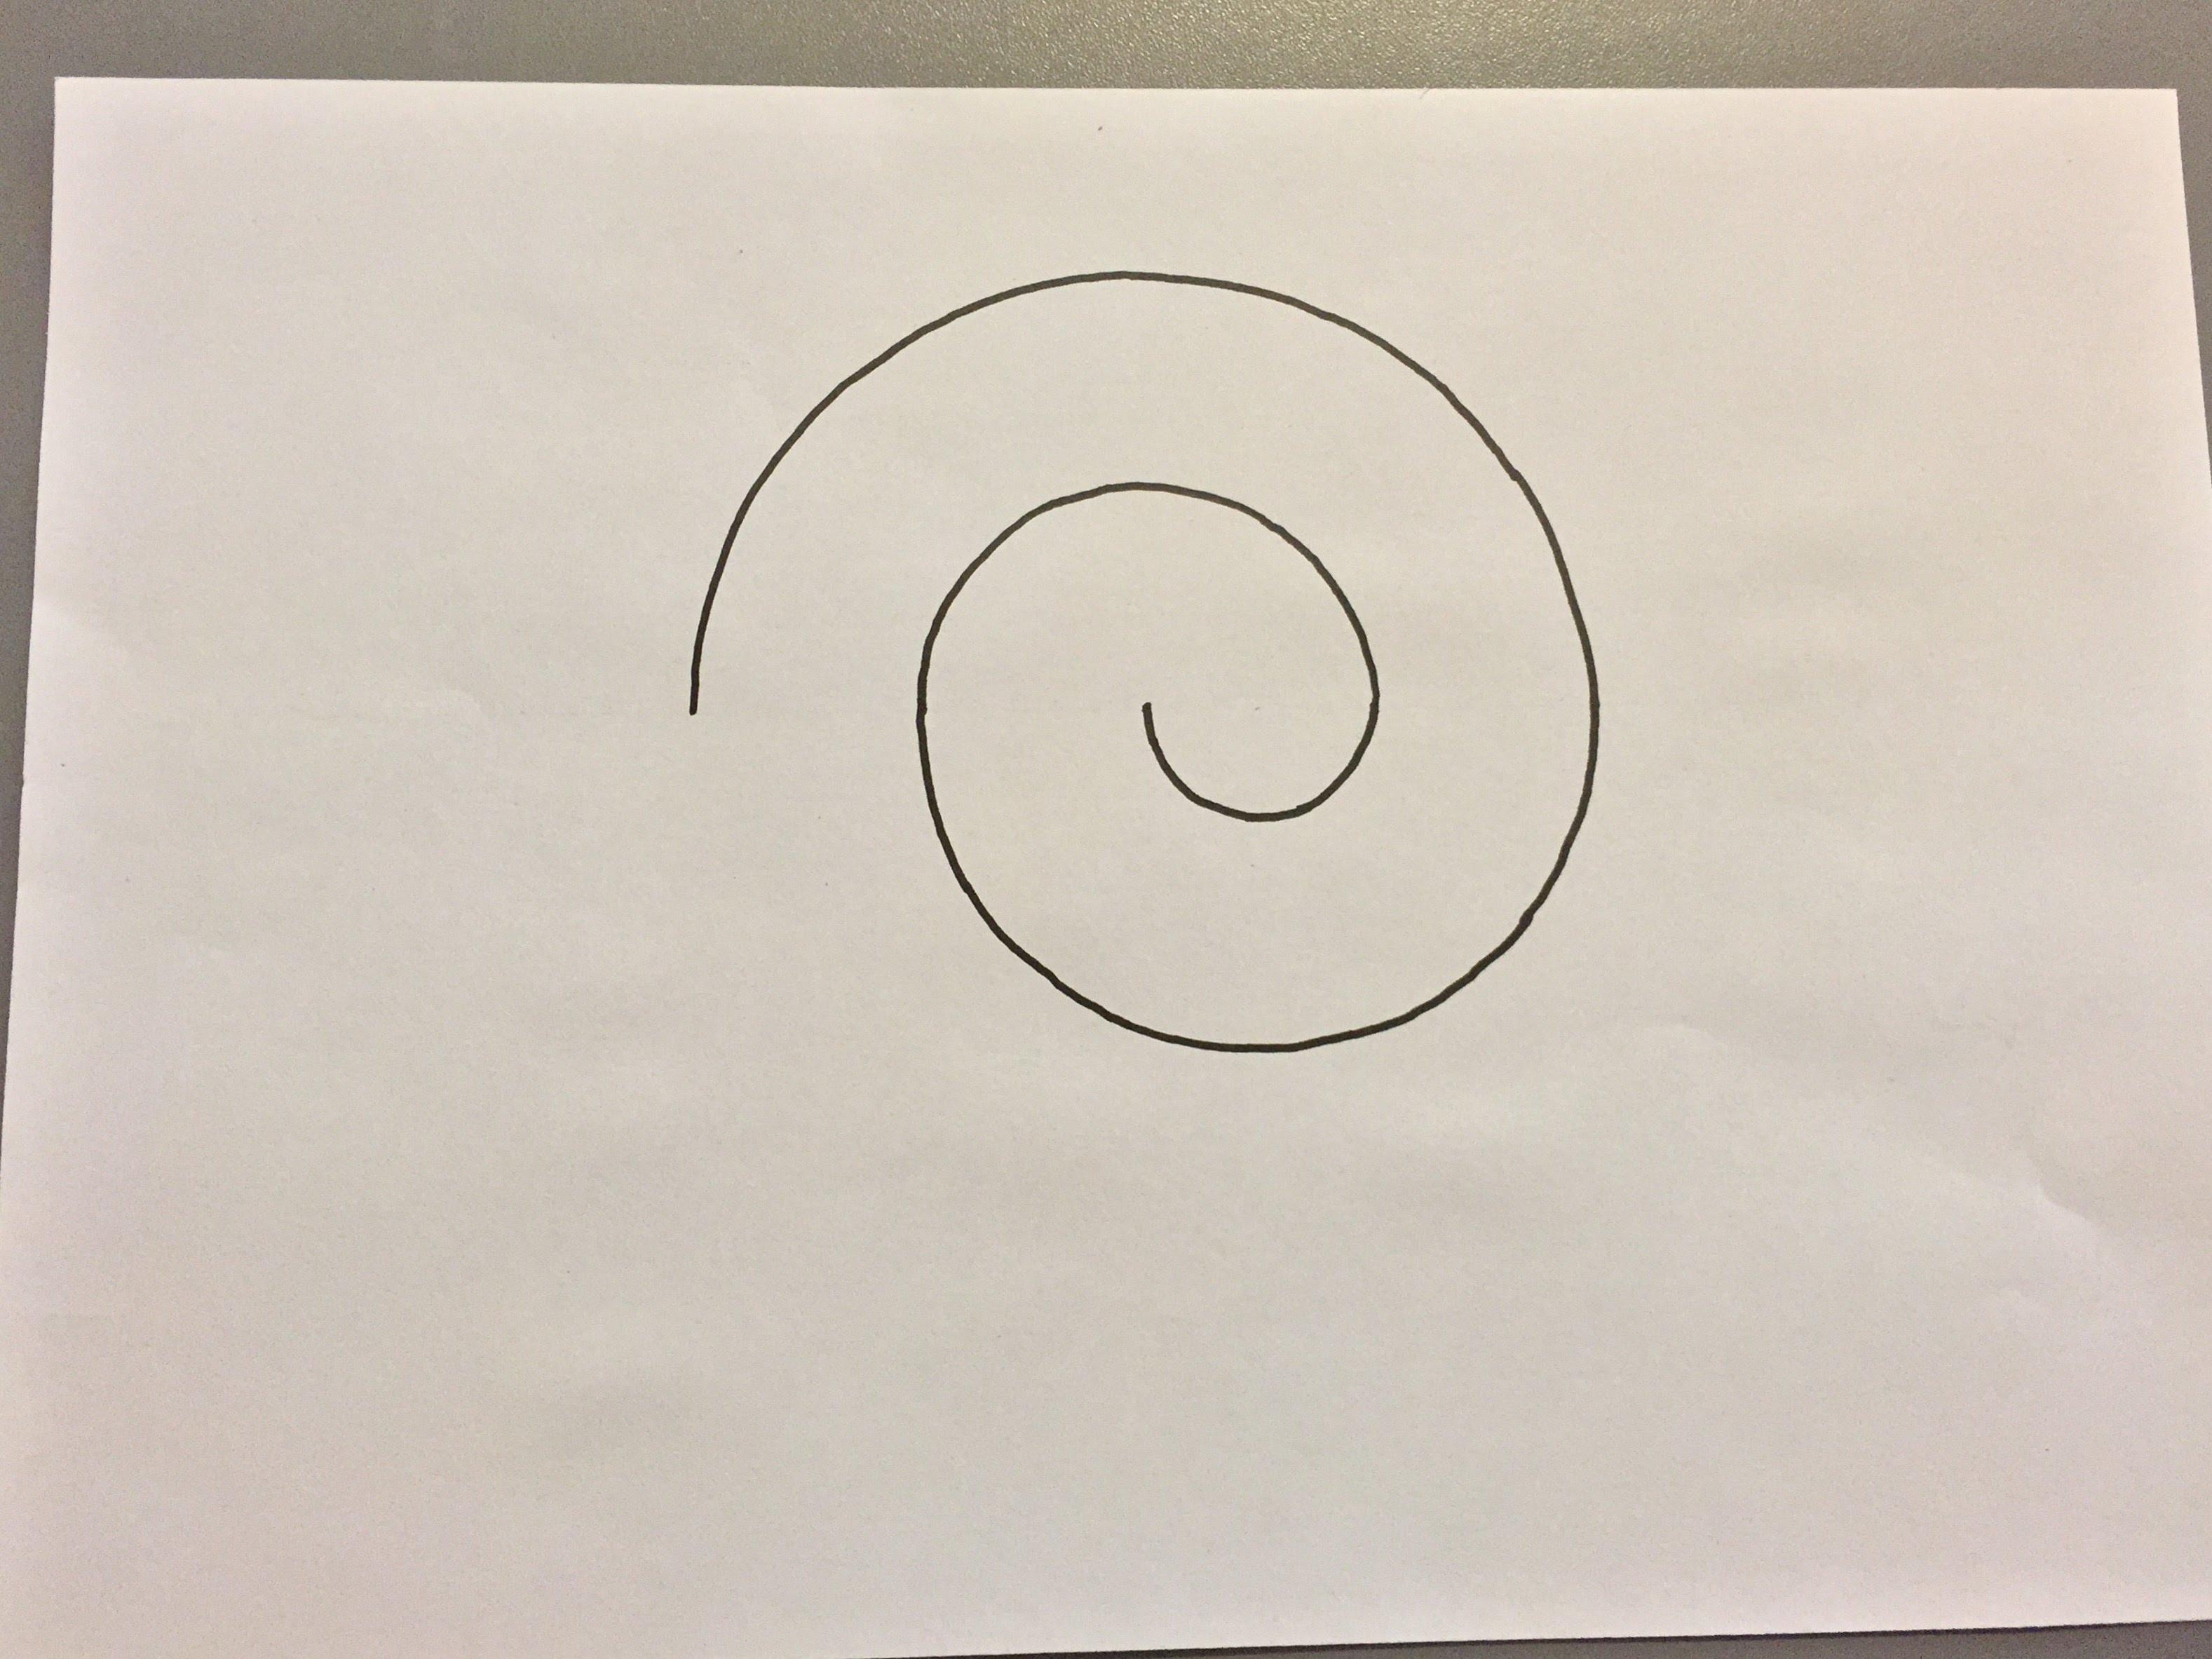 3155x2366 Comment Dessiner Une Spirale